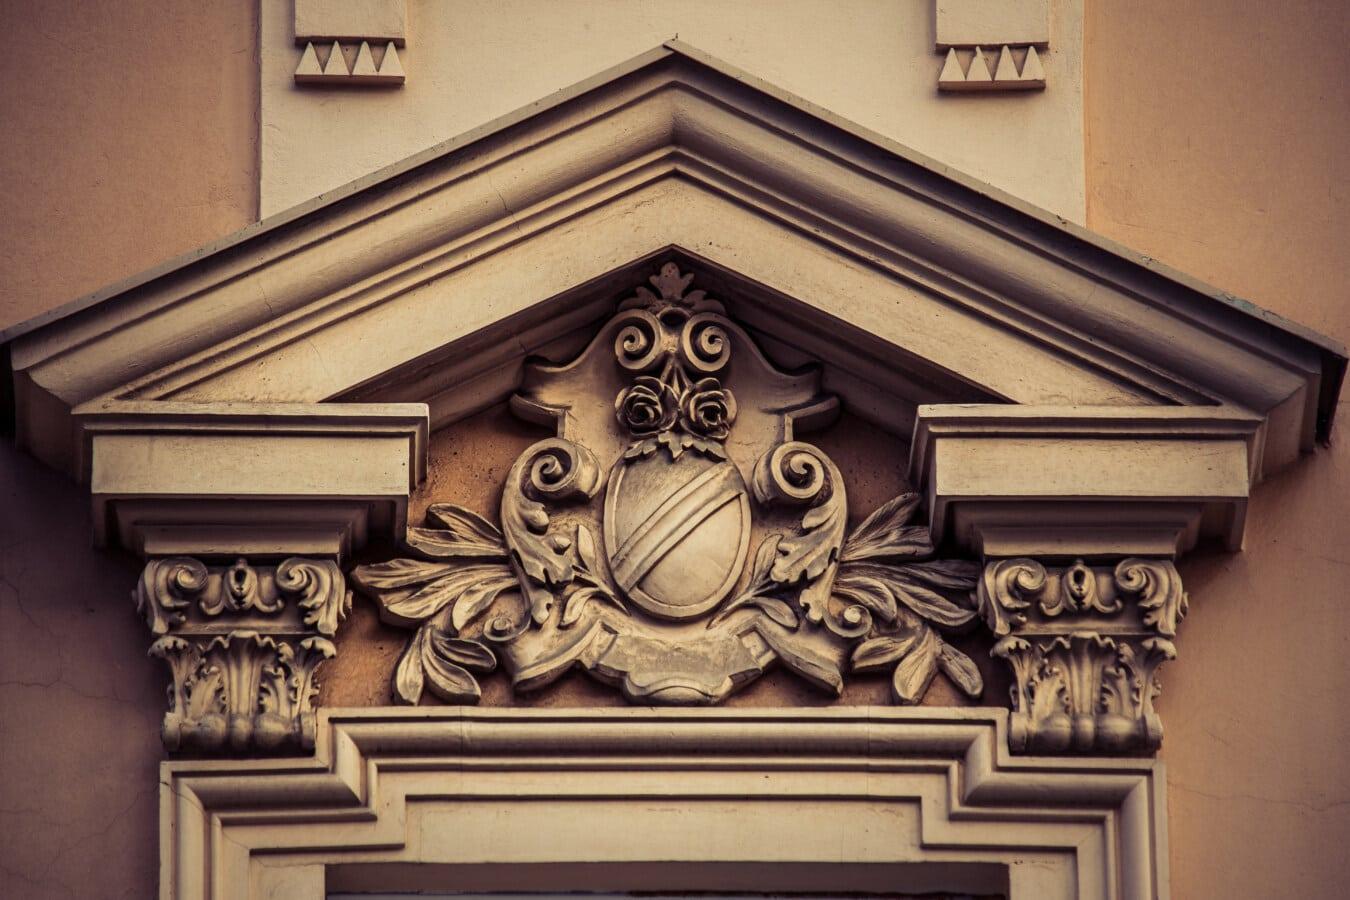 Fassade, viktorianischen, architektonischen Stil, Rahmen, Fenster, Jahrgang, Architektur, Kunst, Klassiker, Holz